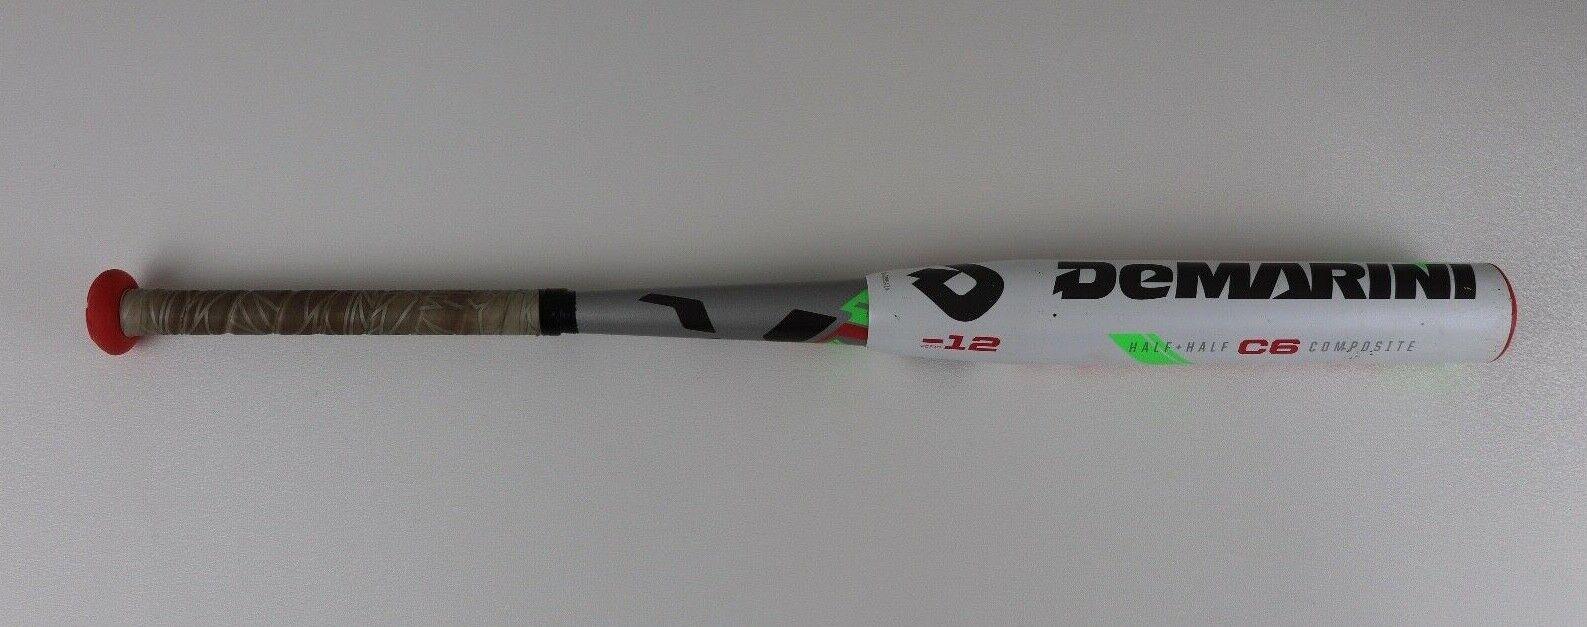 Demarini Vendetta 30 18 VCF15 -12 bate compuesto Fastpitch Softball